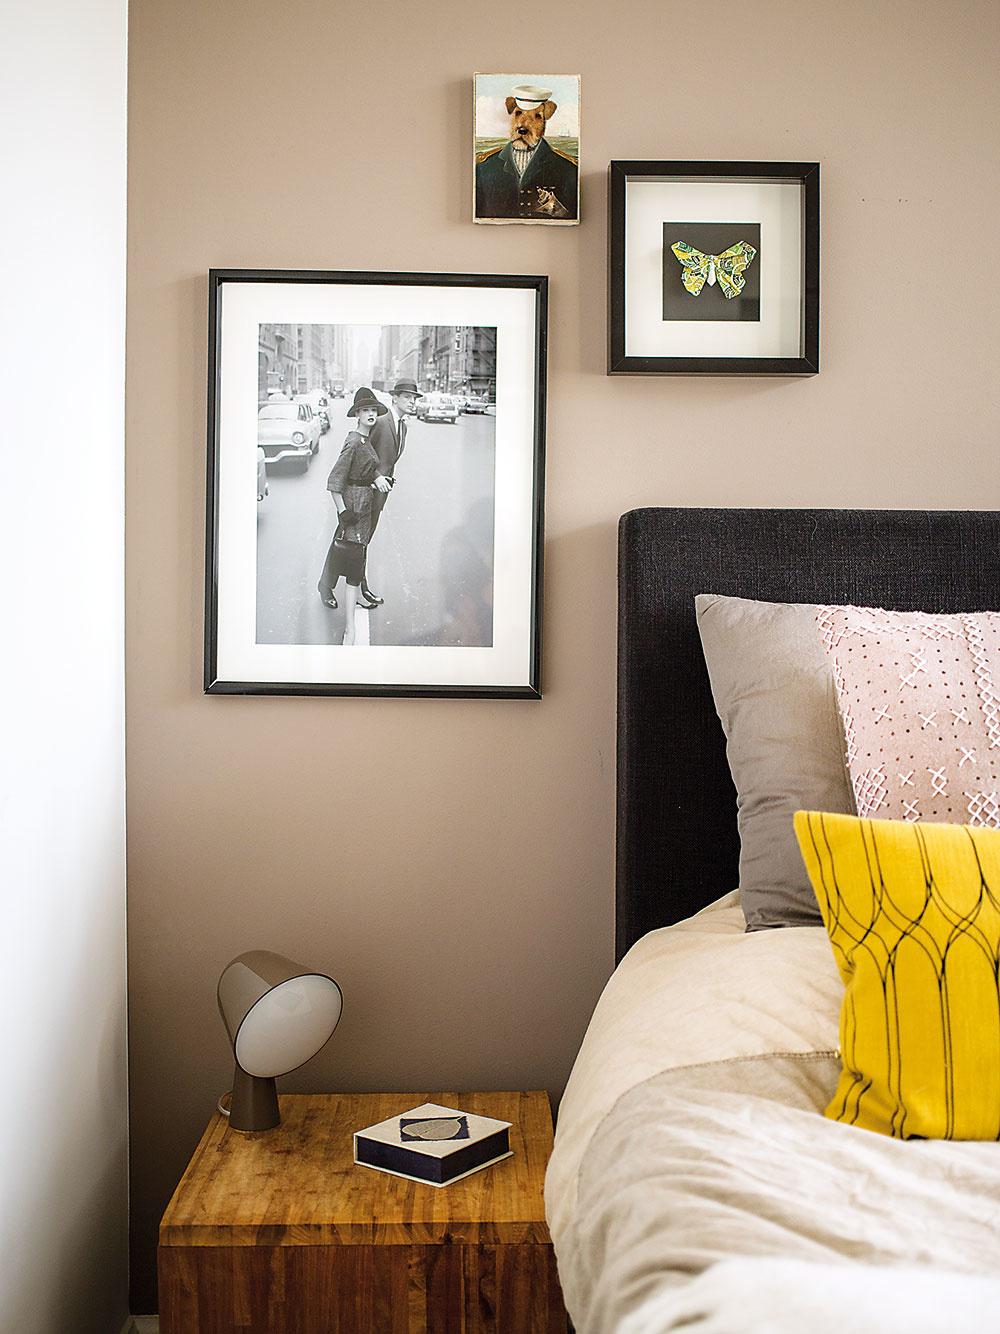 STENA ZA ČELOM POSTELE je natretá béžovou farbou adekorujú ju obrazy afotografie včiernych rámoch. Ale aby to zas nebola až príliš nuda, pokojný charakter miestnosti rozbíja žiarivý žltý vankúš.